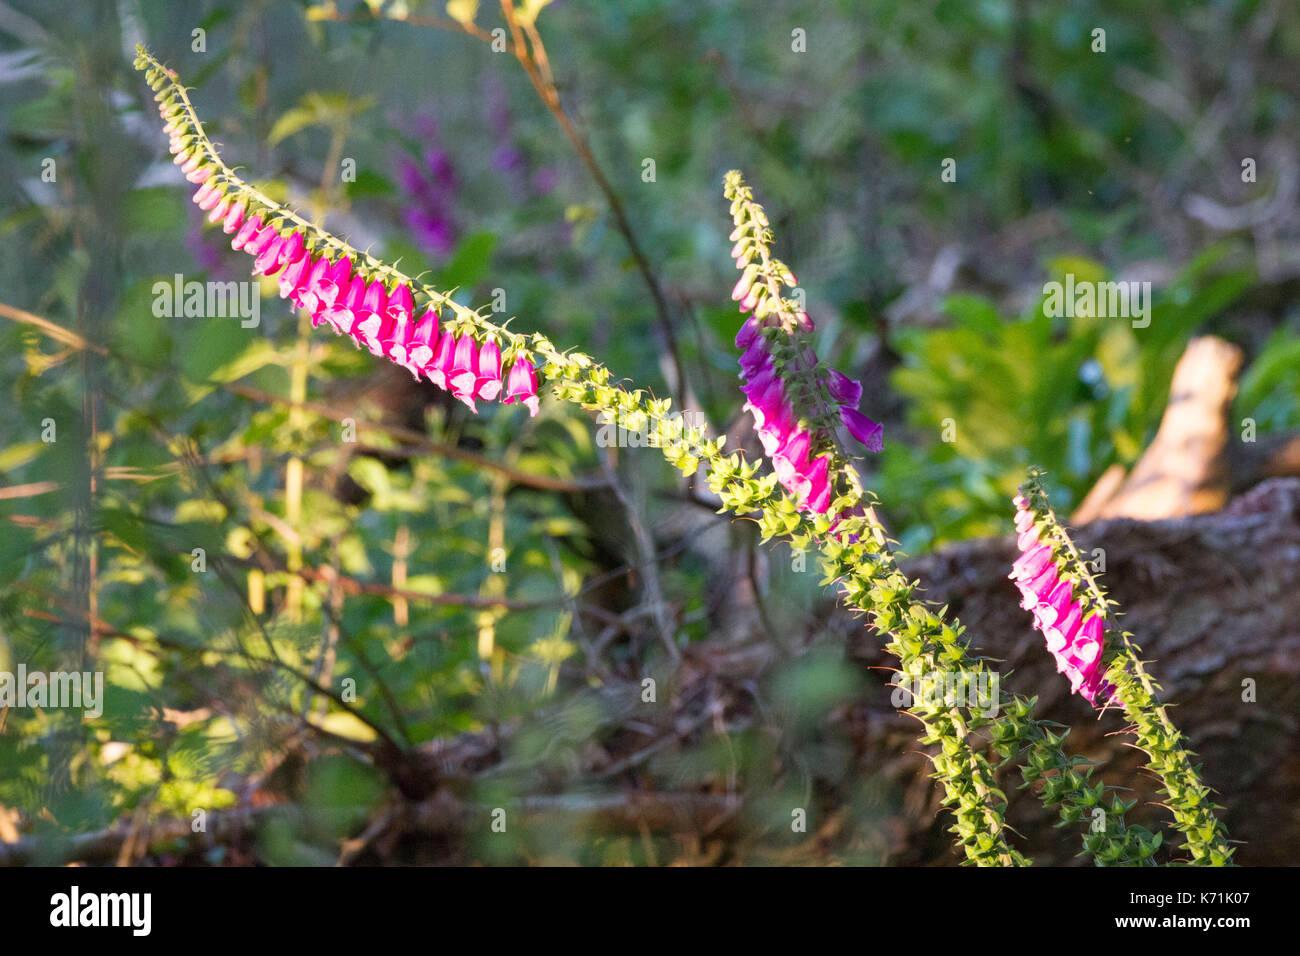 fingerhut digitalis purpurea wachsen in der lichtung von biber erstellt das fllen von bumen und schaffen so neue kologische nische gutes beispiel fr - Okologische Nische Beispiel